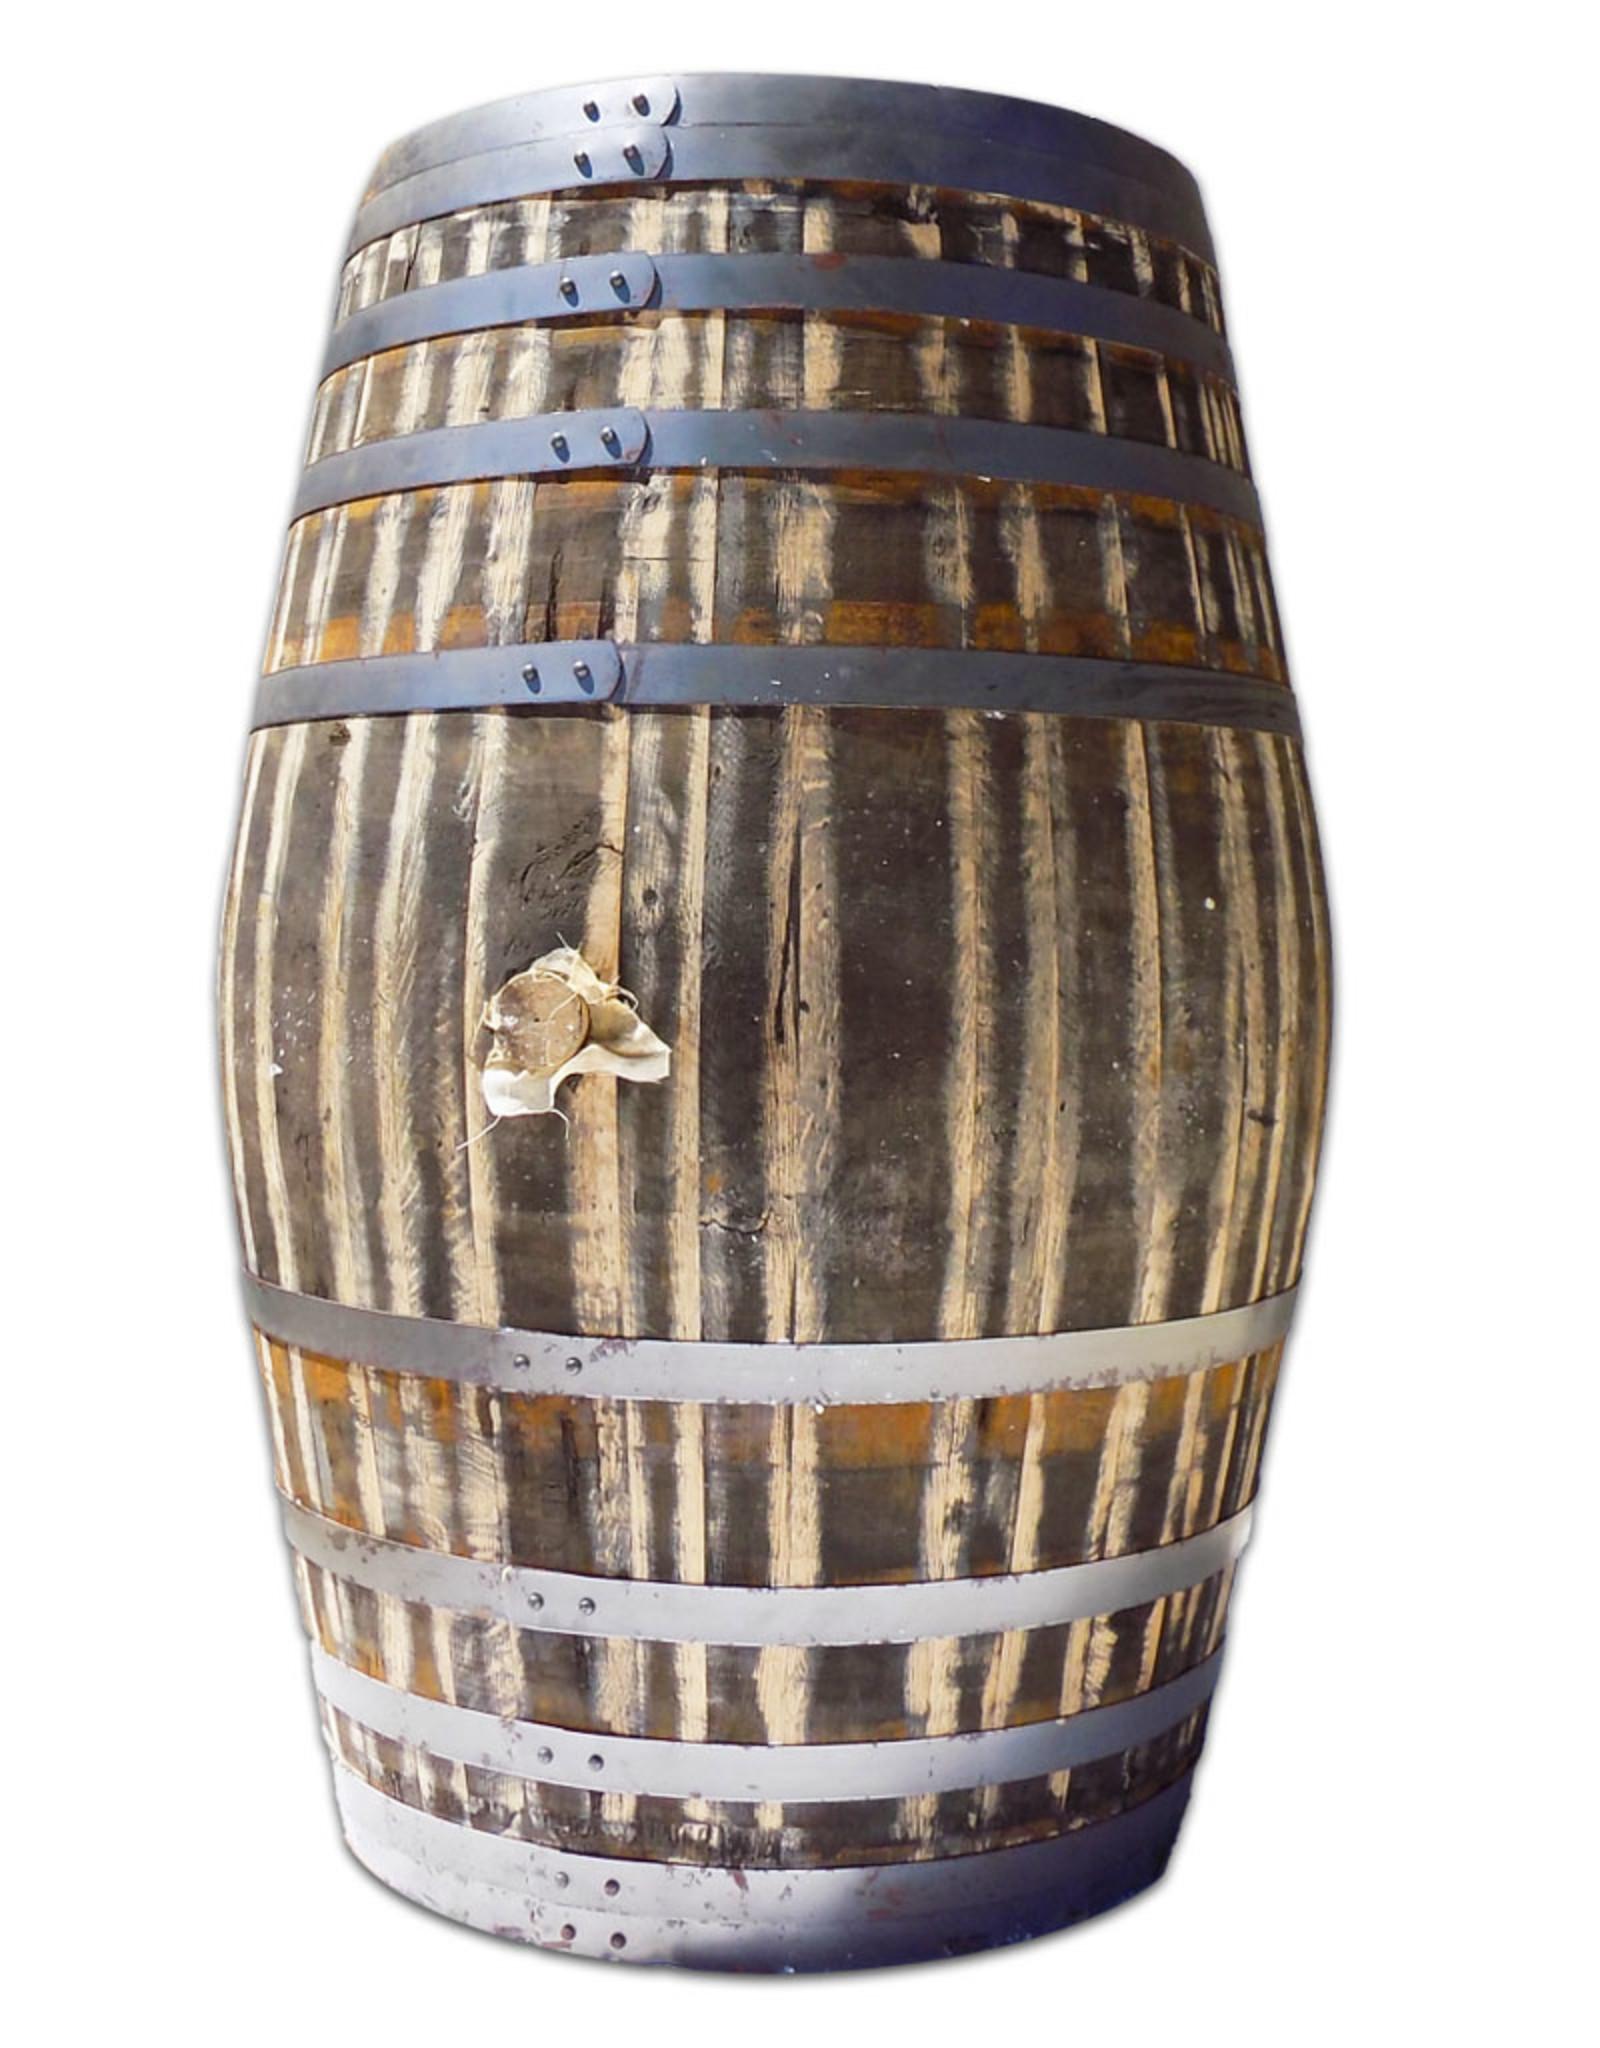 500 L SHERRYFASS OLOROSO SPANISCHE EICHE - 30 JAHRE